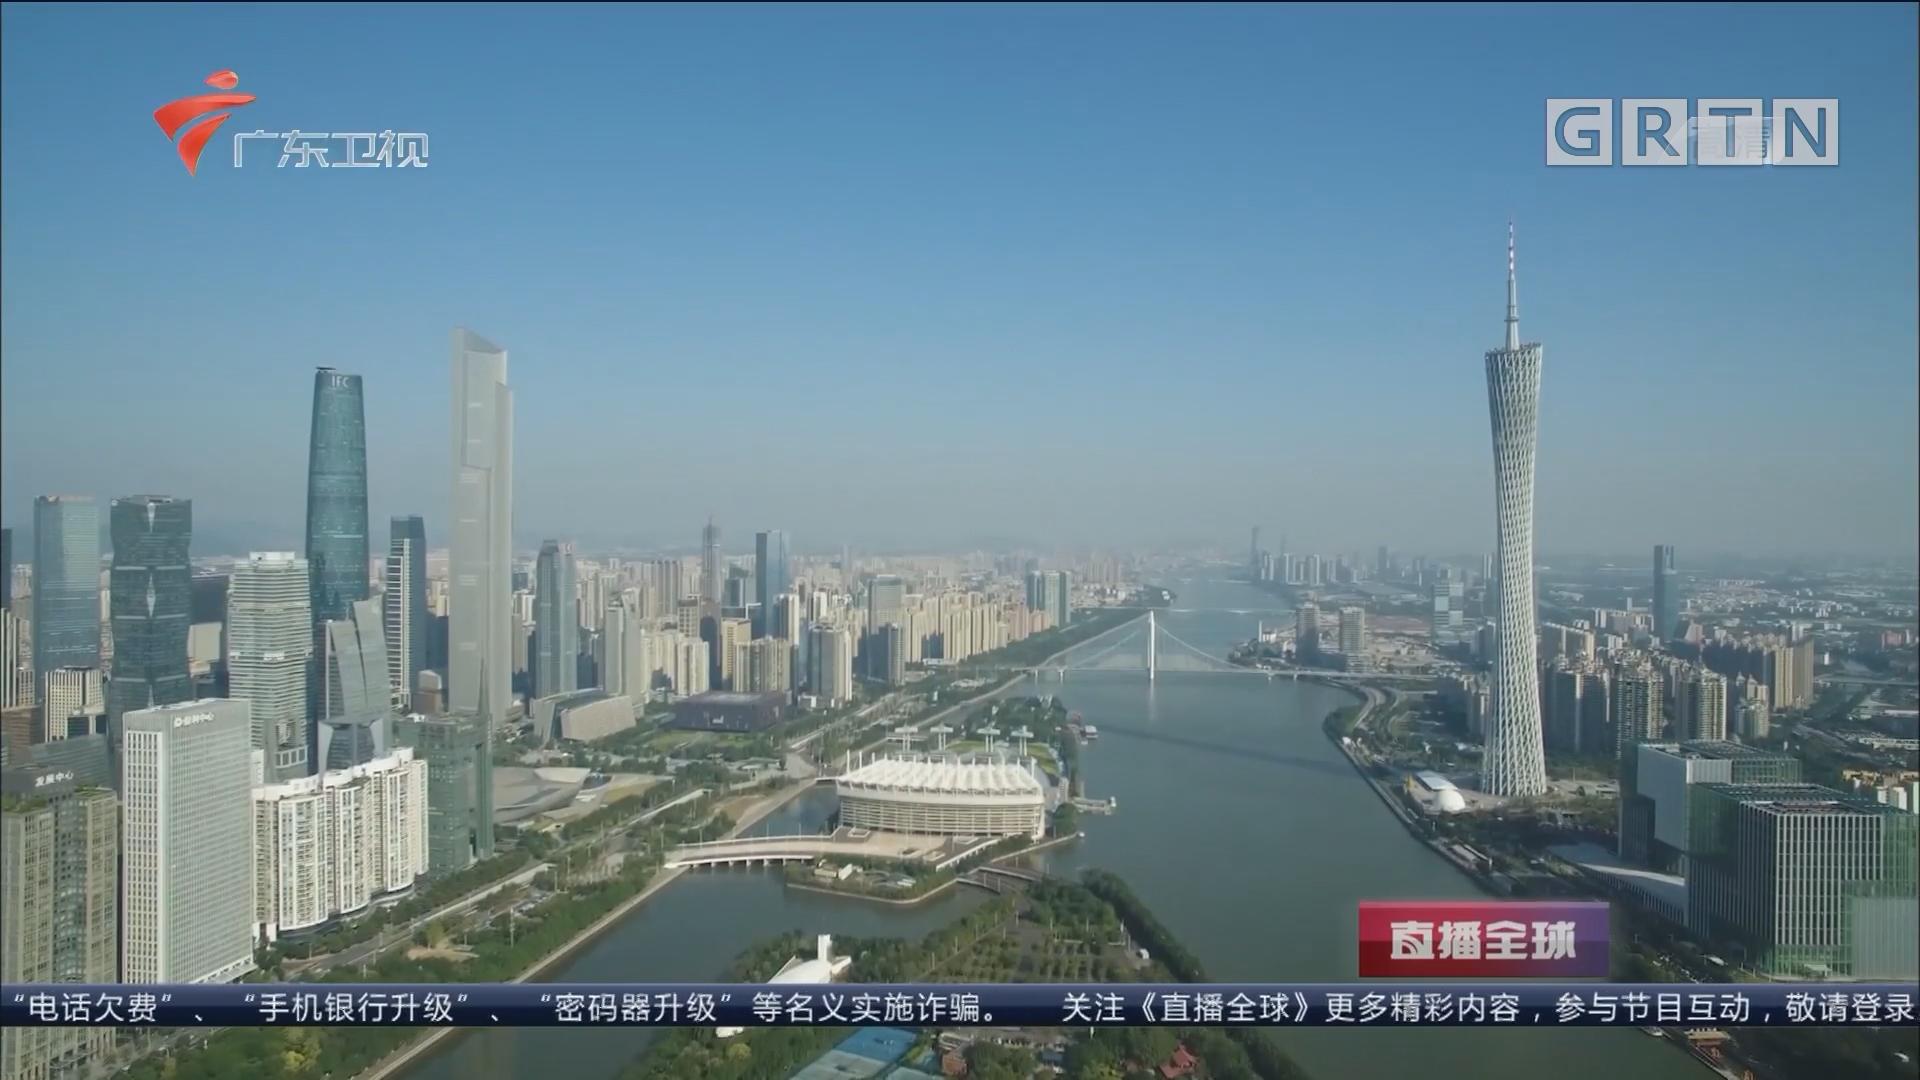 广州:开放与创新的机遇之城 高端集聚产业项目纷纷落地